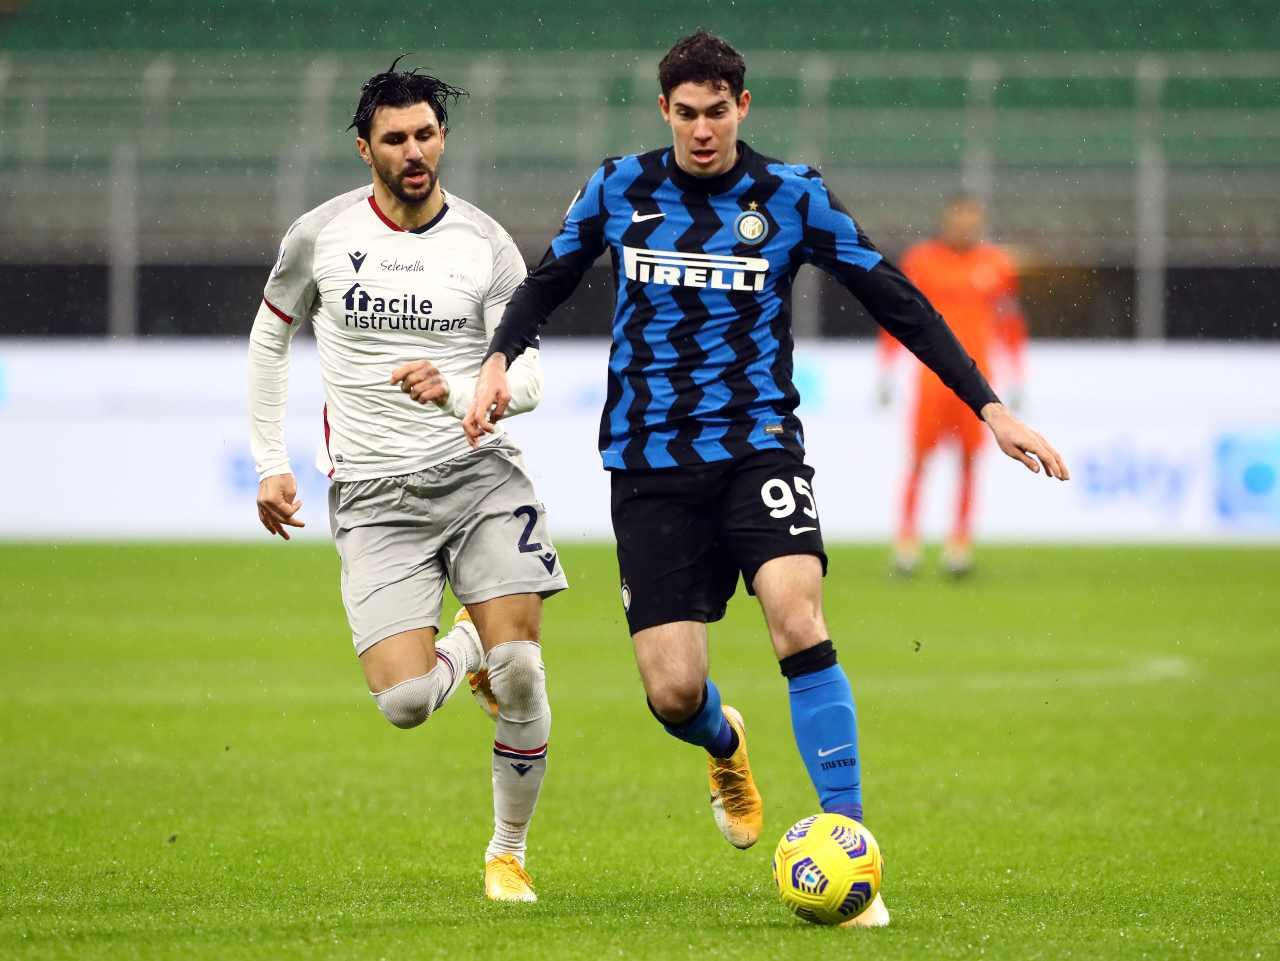 Inter, passi avanti nella trattativa per l'estensione fino al 2024 del contratto di Lautaro Martinez. Sul tavolo anche il futuro di Bastoni